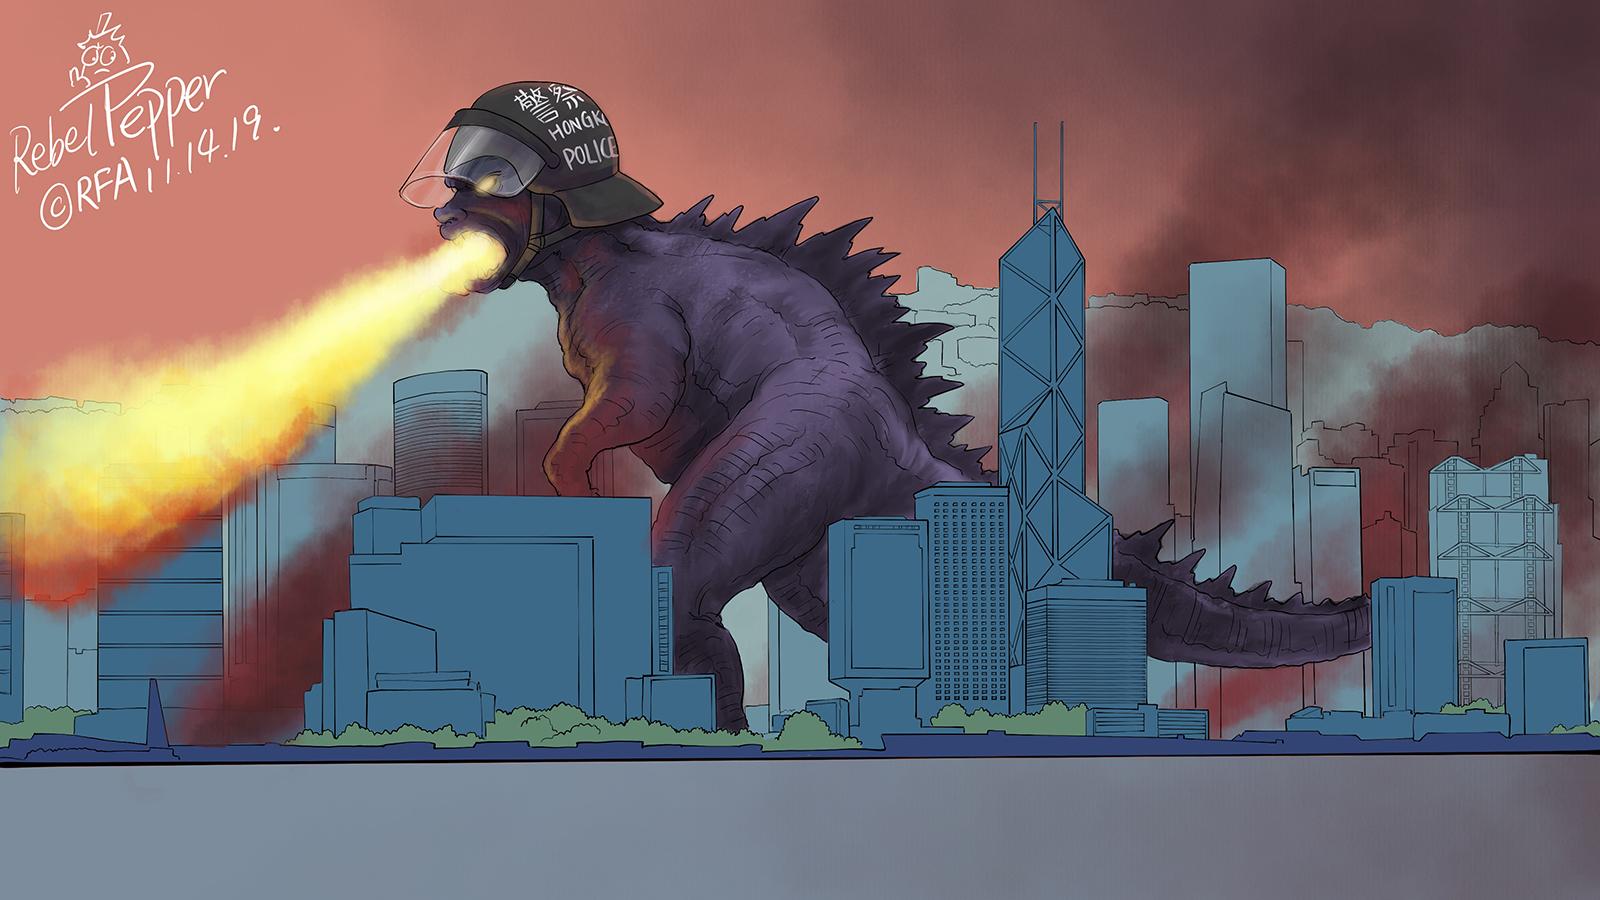 变态辣椒:香港暴力升级(系列之三)。(变态辣椒)